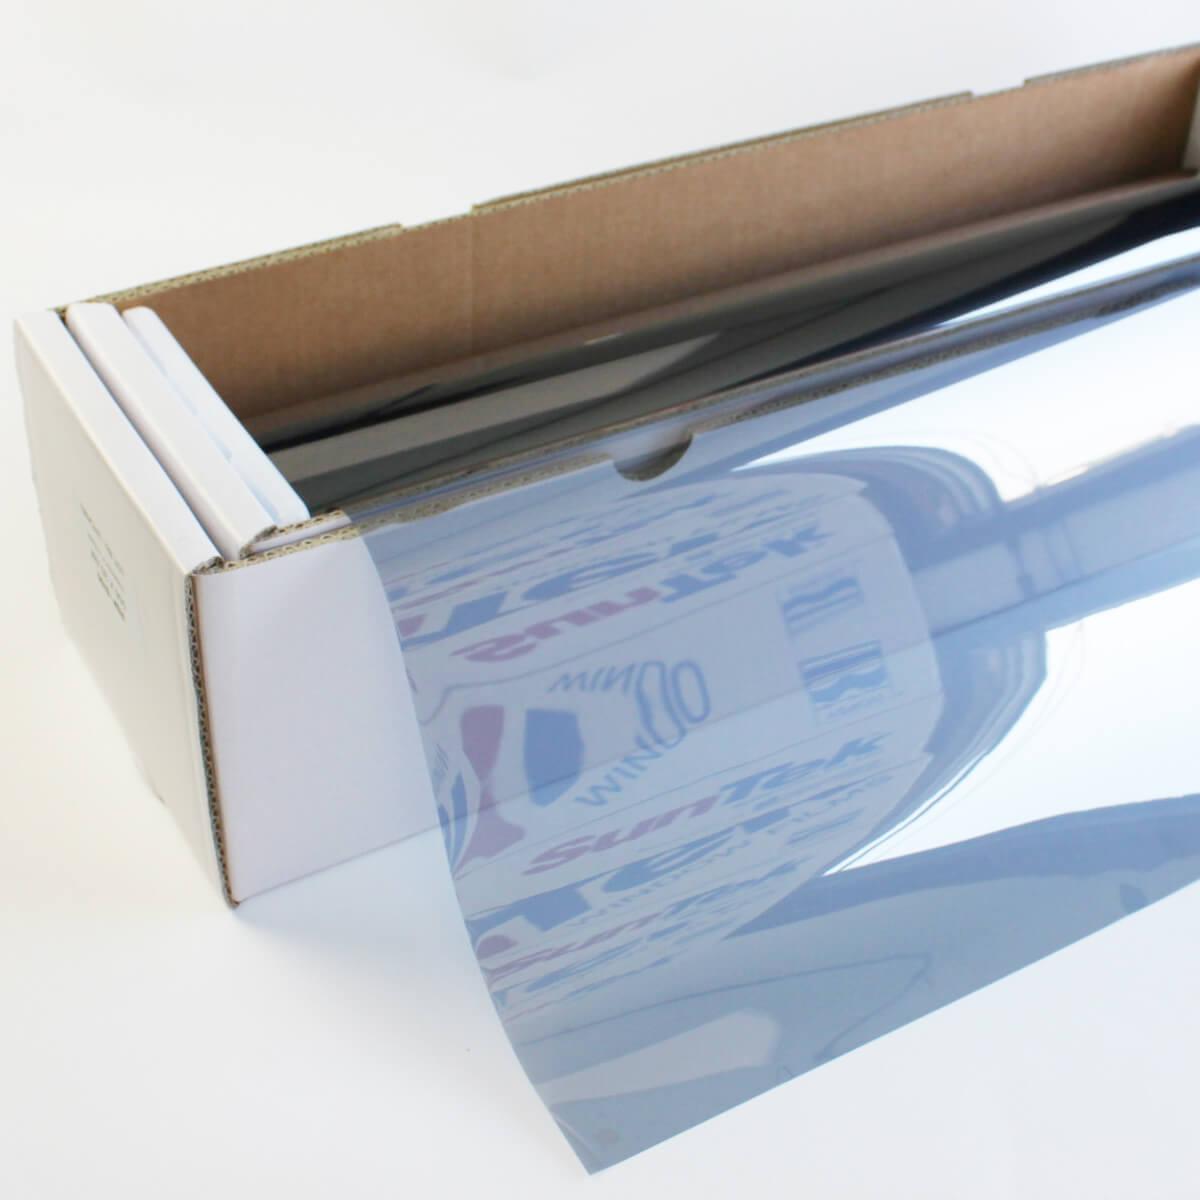 送料無料 ウィンドウフィルム 窓ガラスフィルムスパッタシルバー50 1.5m幅×30mロール箱売 遮熱フィルム 断熱フィルム UVカットフィルム ブレインテック Braintec